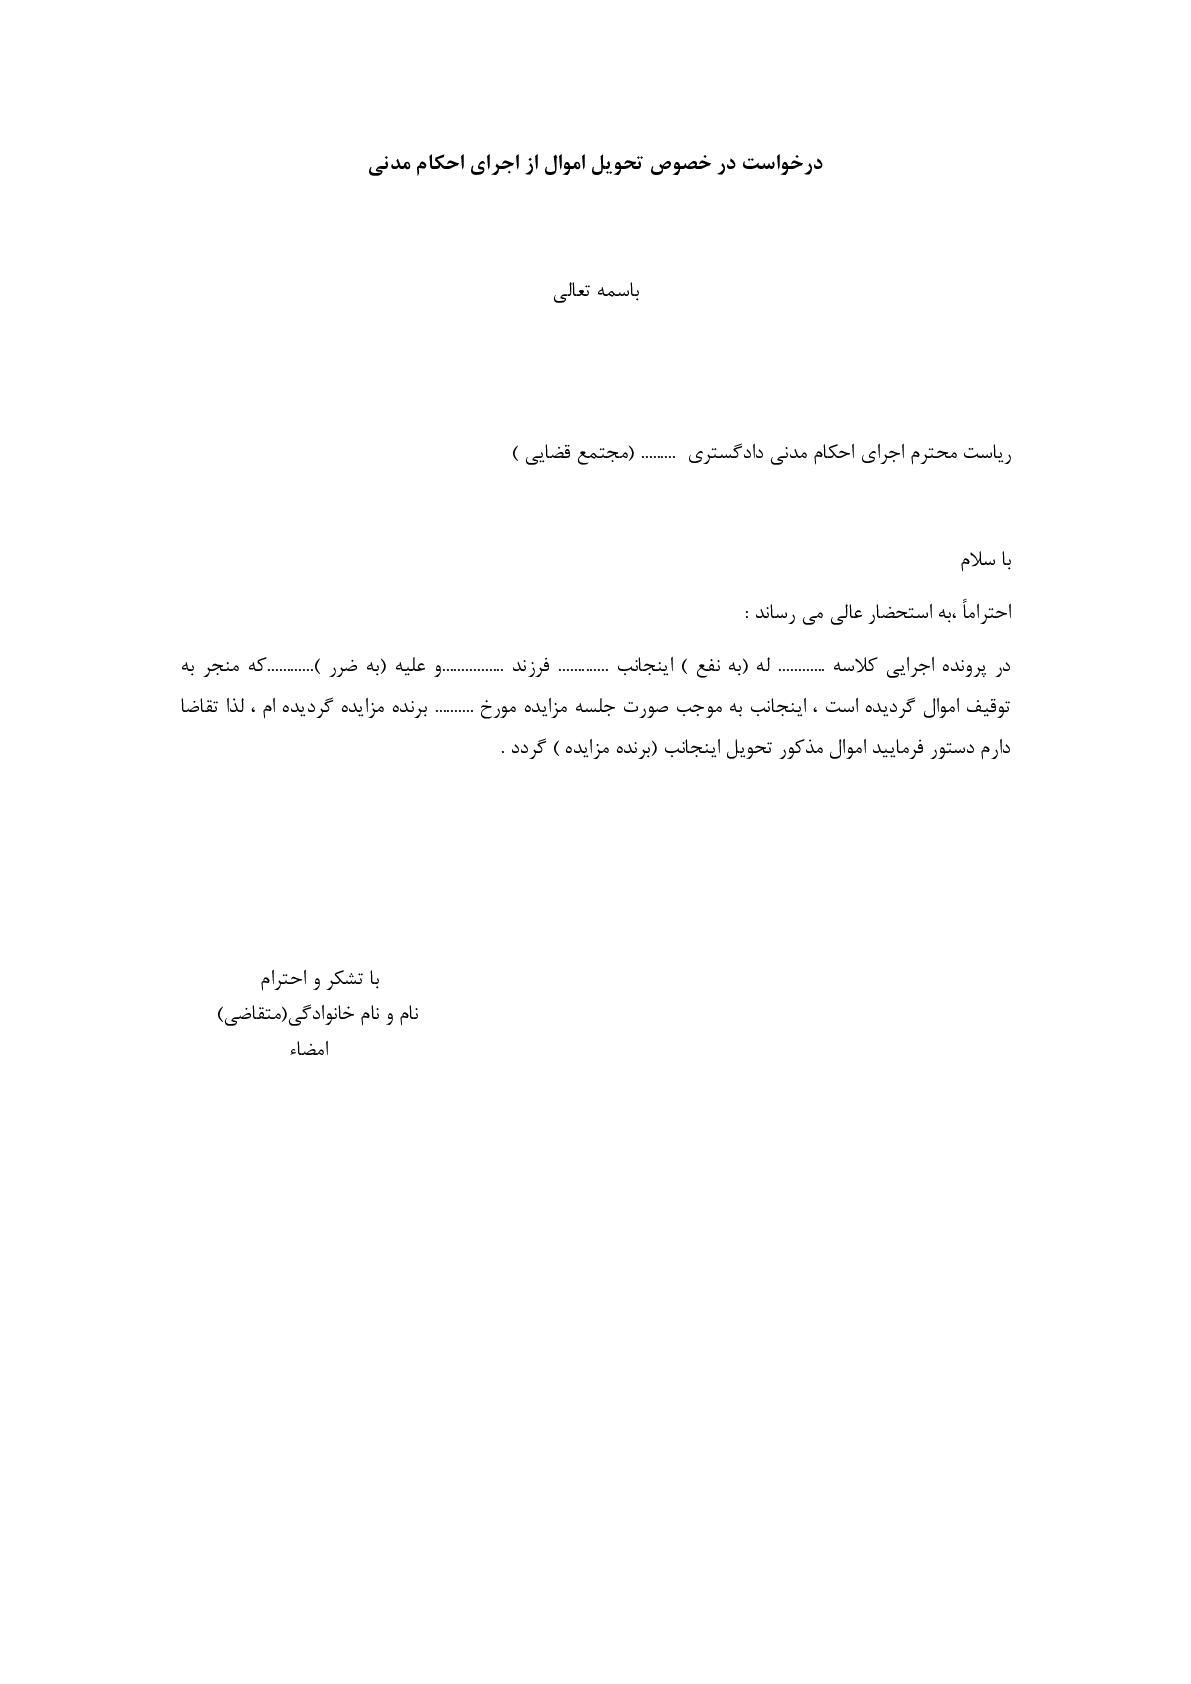 درخواست در خصوص تحویل اموال از اجرای احکام مدنی